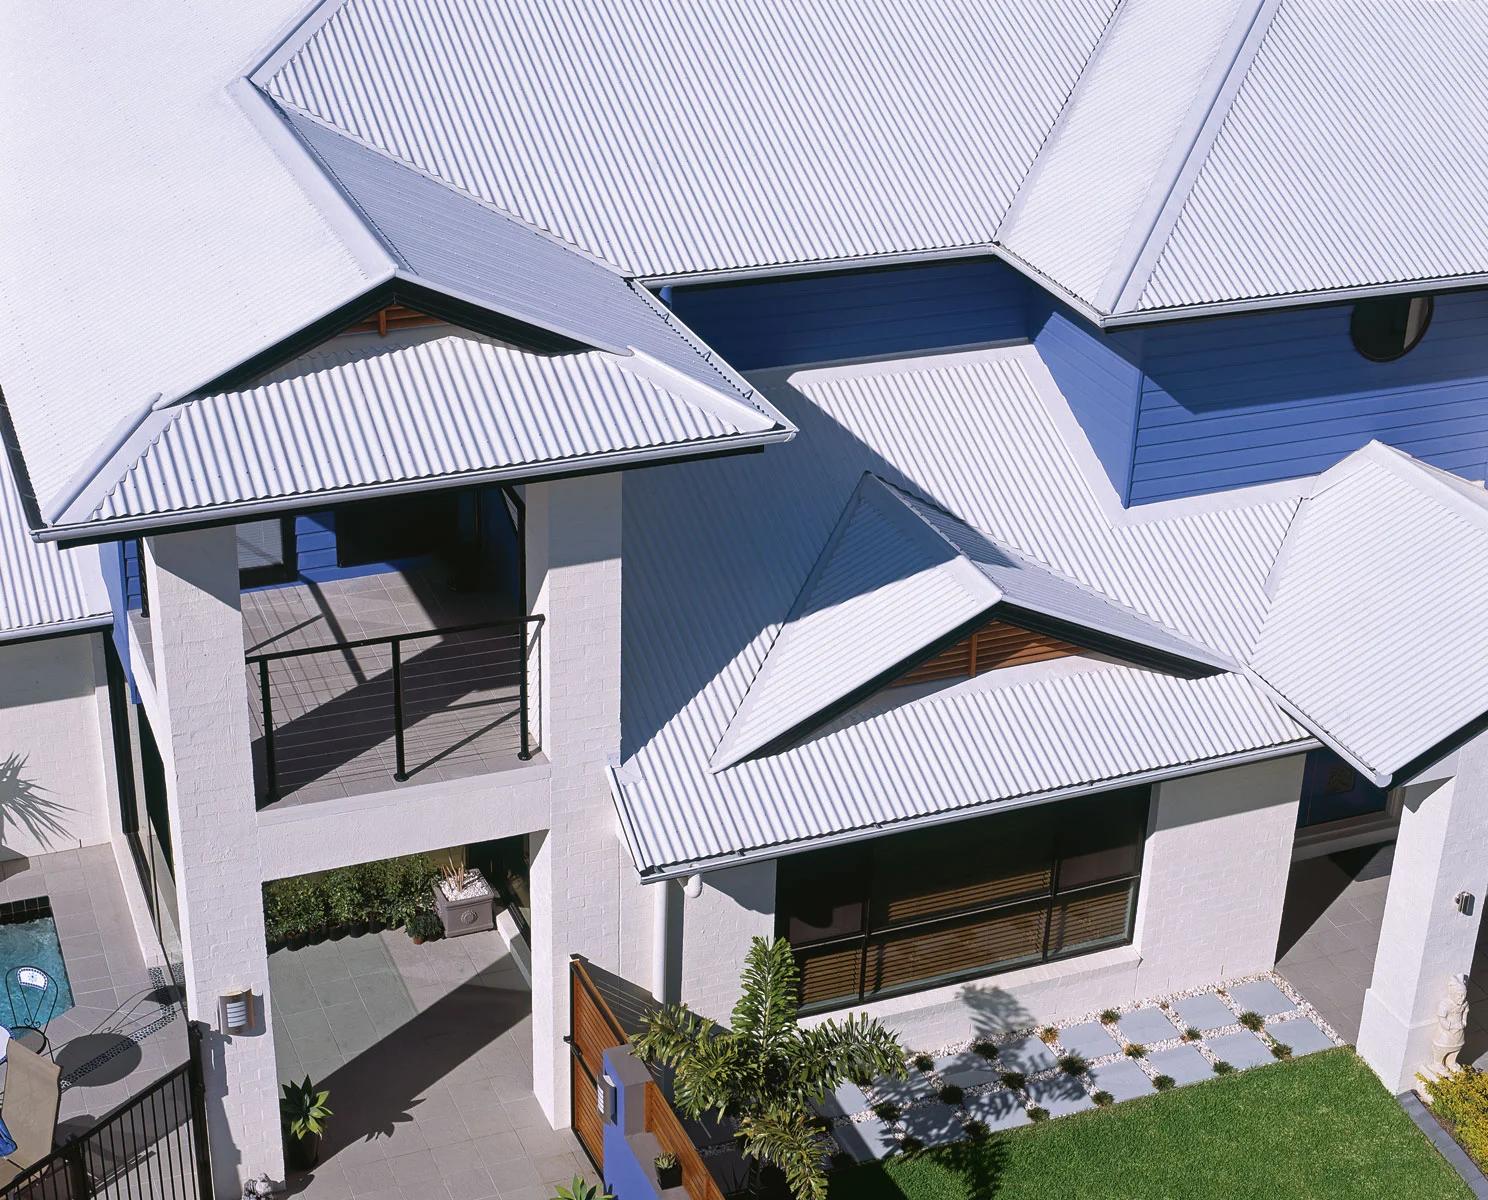 Sự hài hòa giữa màu tôn lợp mái và kiến trúc giúp tạo nên vẻ đẹp cho công trình